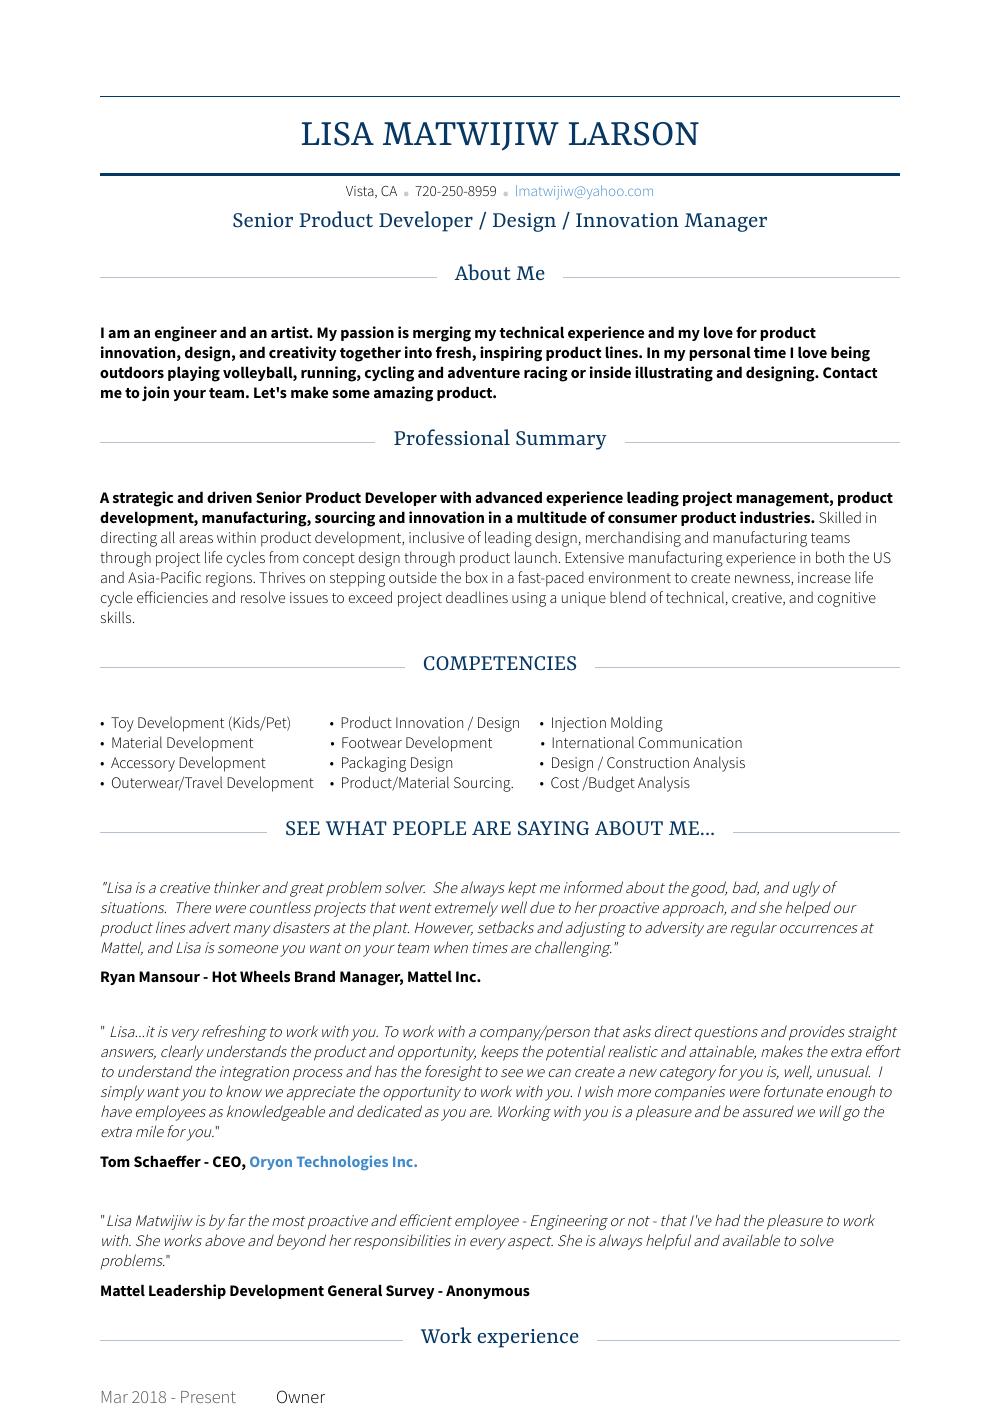 sample resumes in virginia